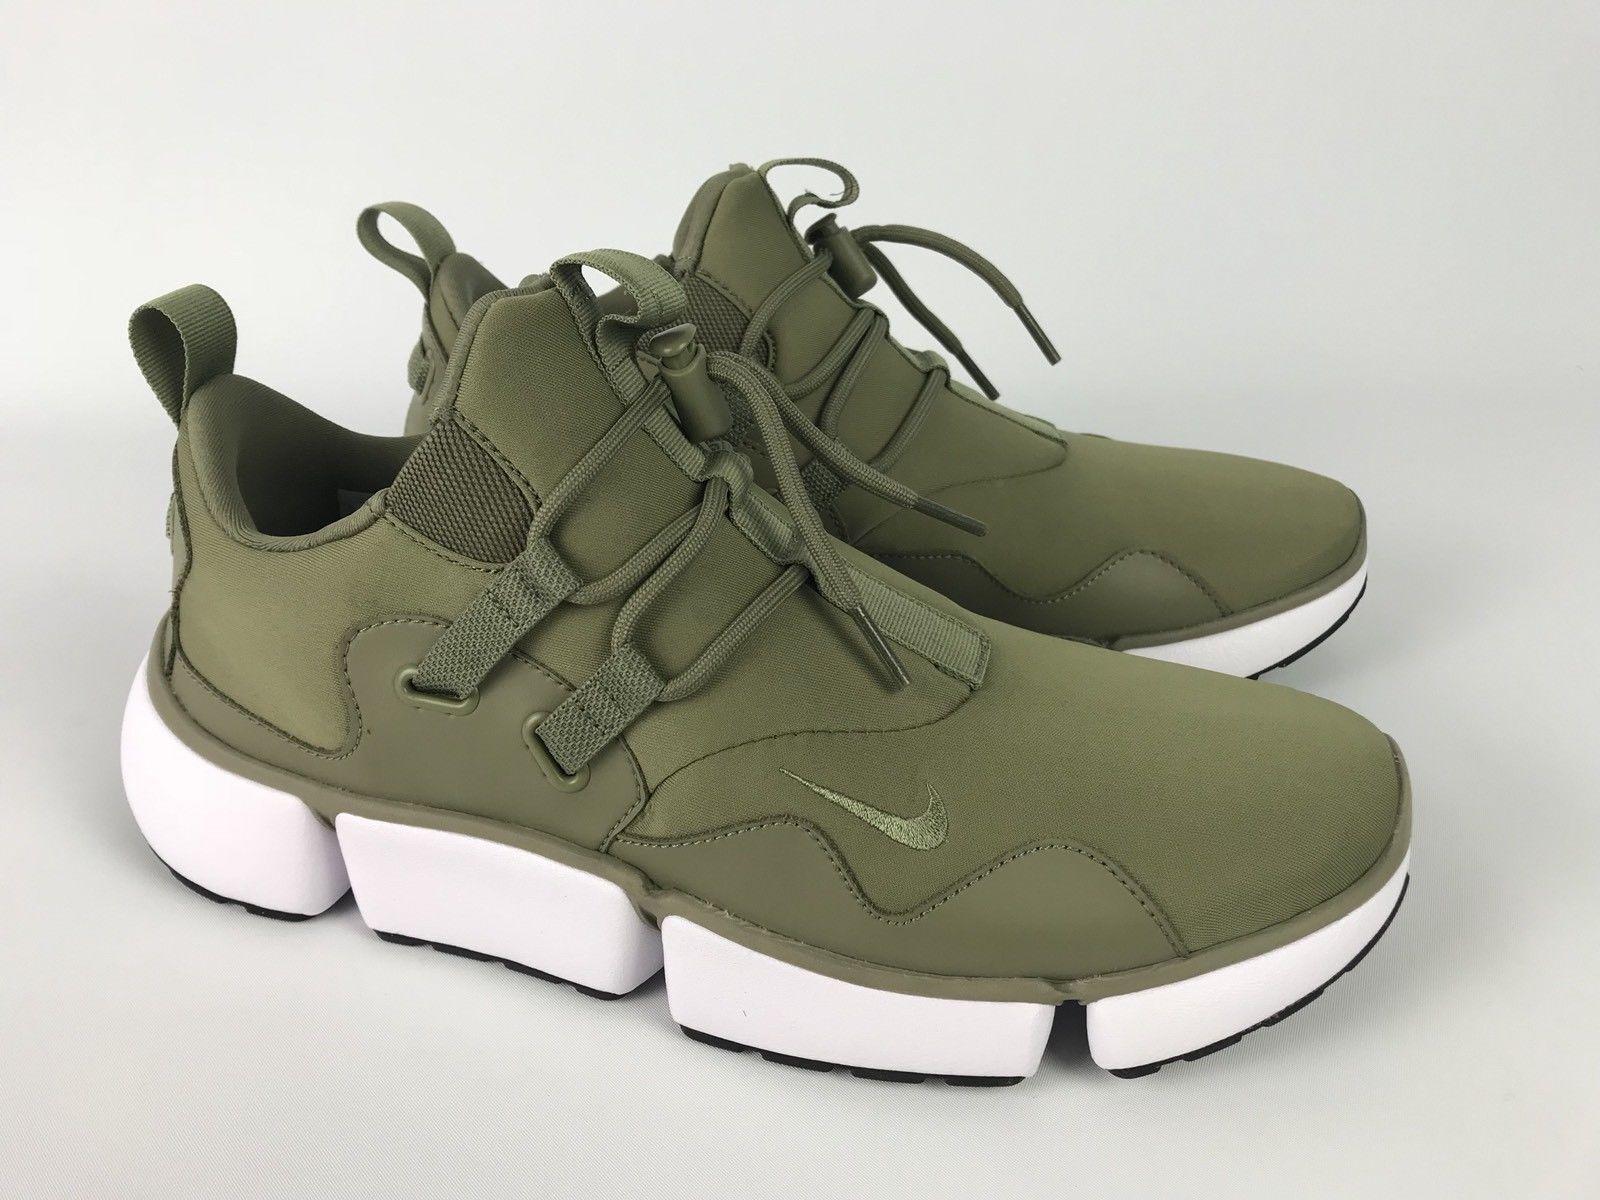 Nike Pocketknife DM Trooper Green White Men's Running shoes 898033 200 Size 12.5